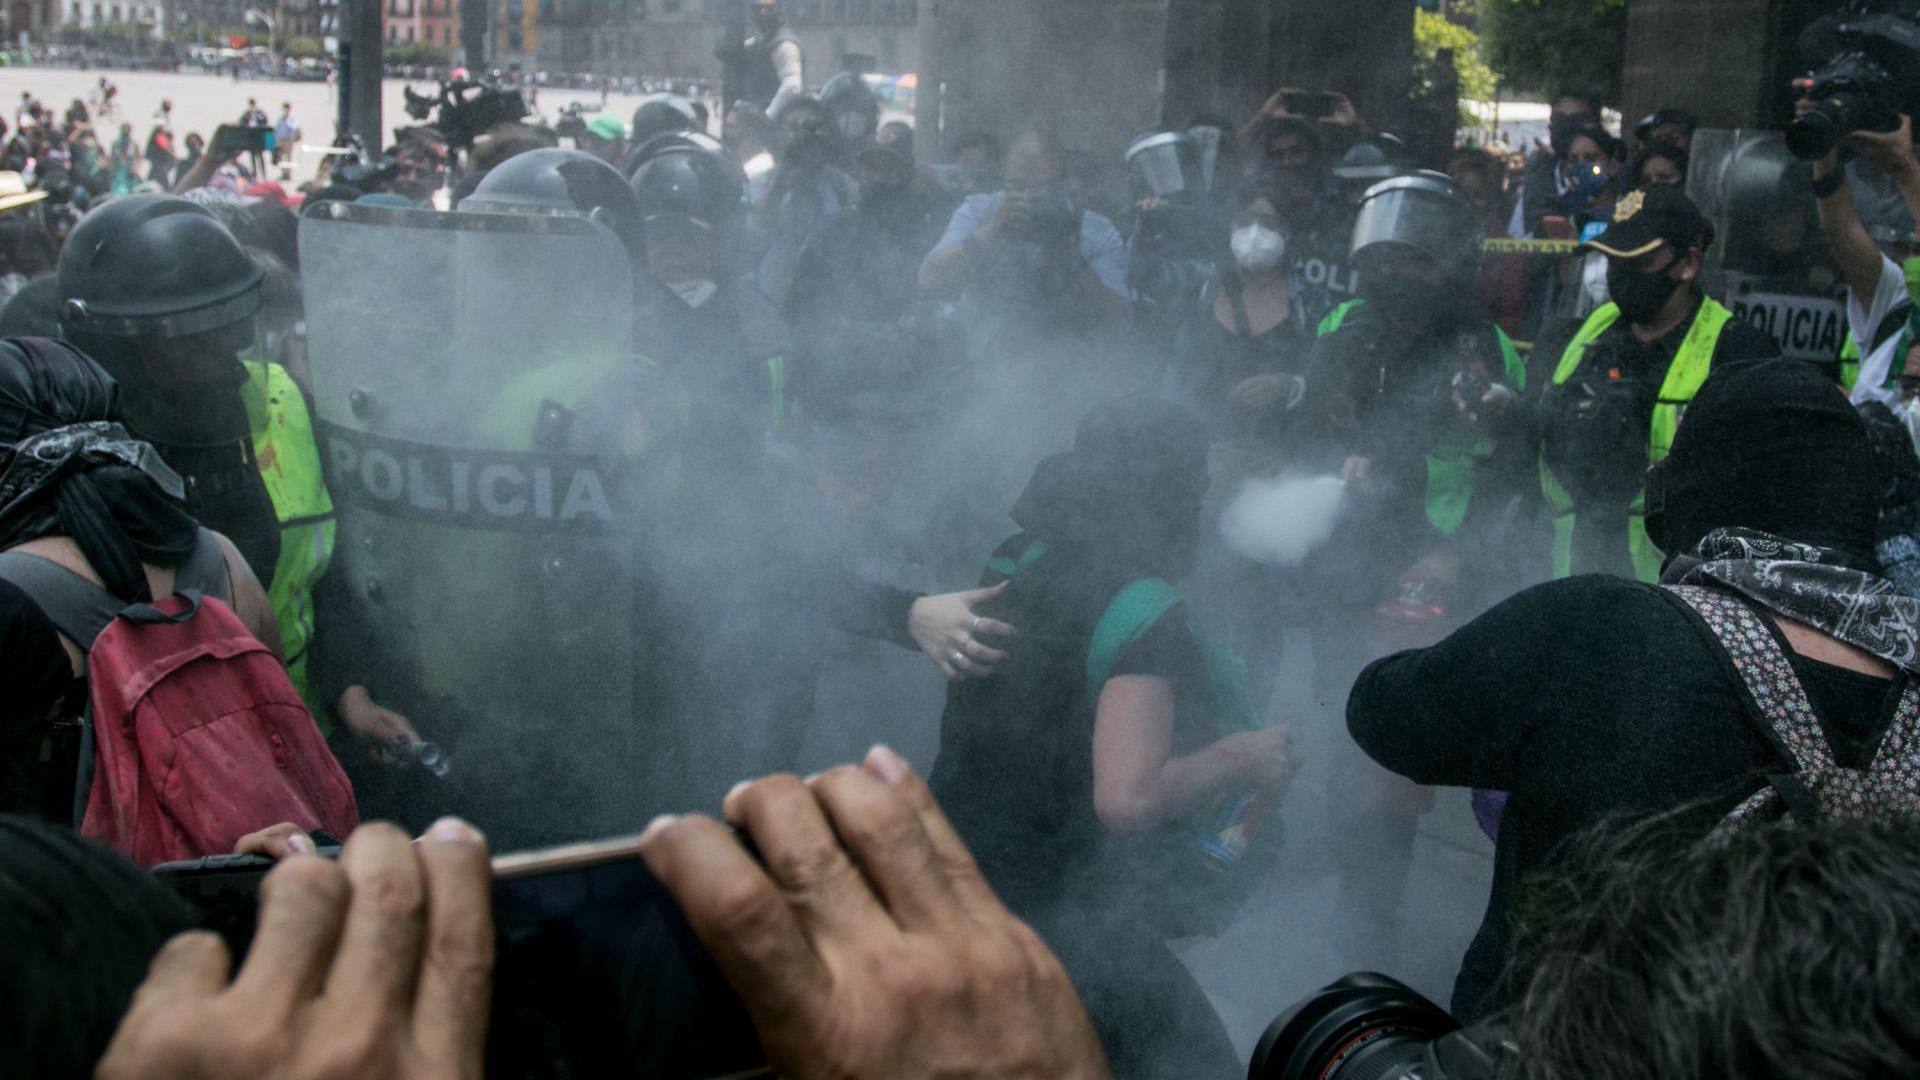 Los elementos de la policía utilizaron extintores, con la finalidad de replegar a los grupos mas radicales con los que tuvieron enfrentamientos (Foto: Cuartoscuro)